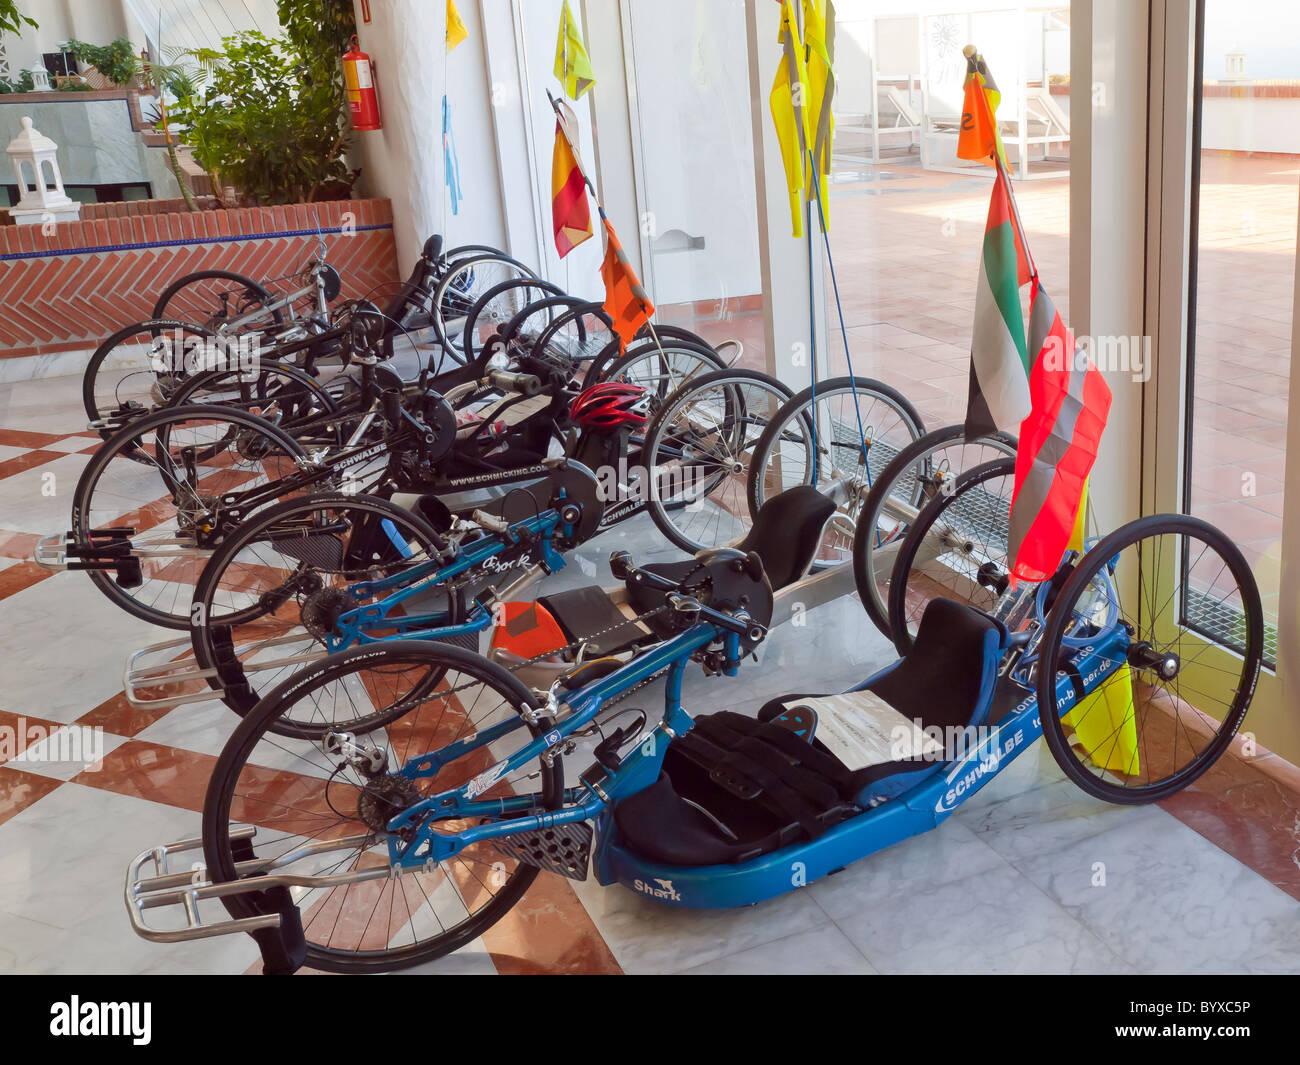 Leggero E Sportivo Biciclette Recumbent Usato Dagli Uomini Con Gambe